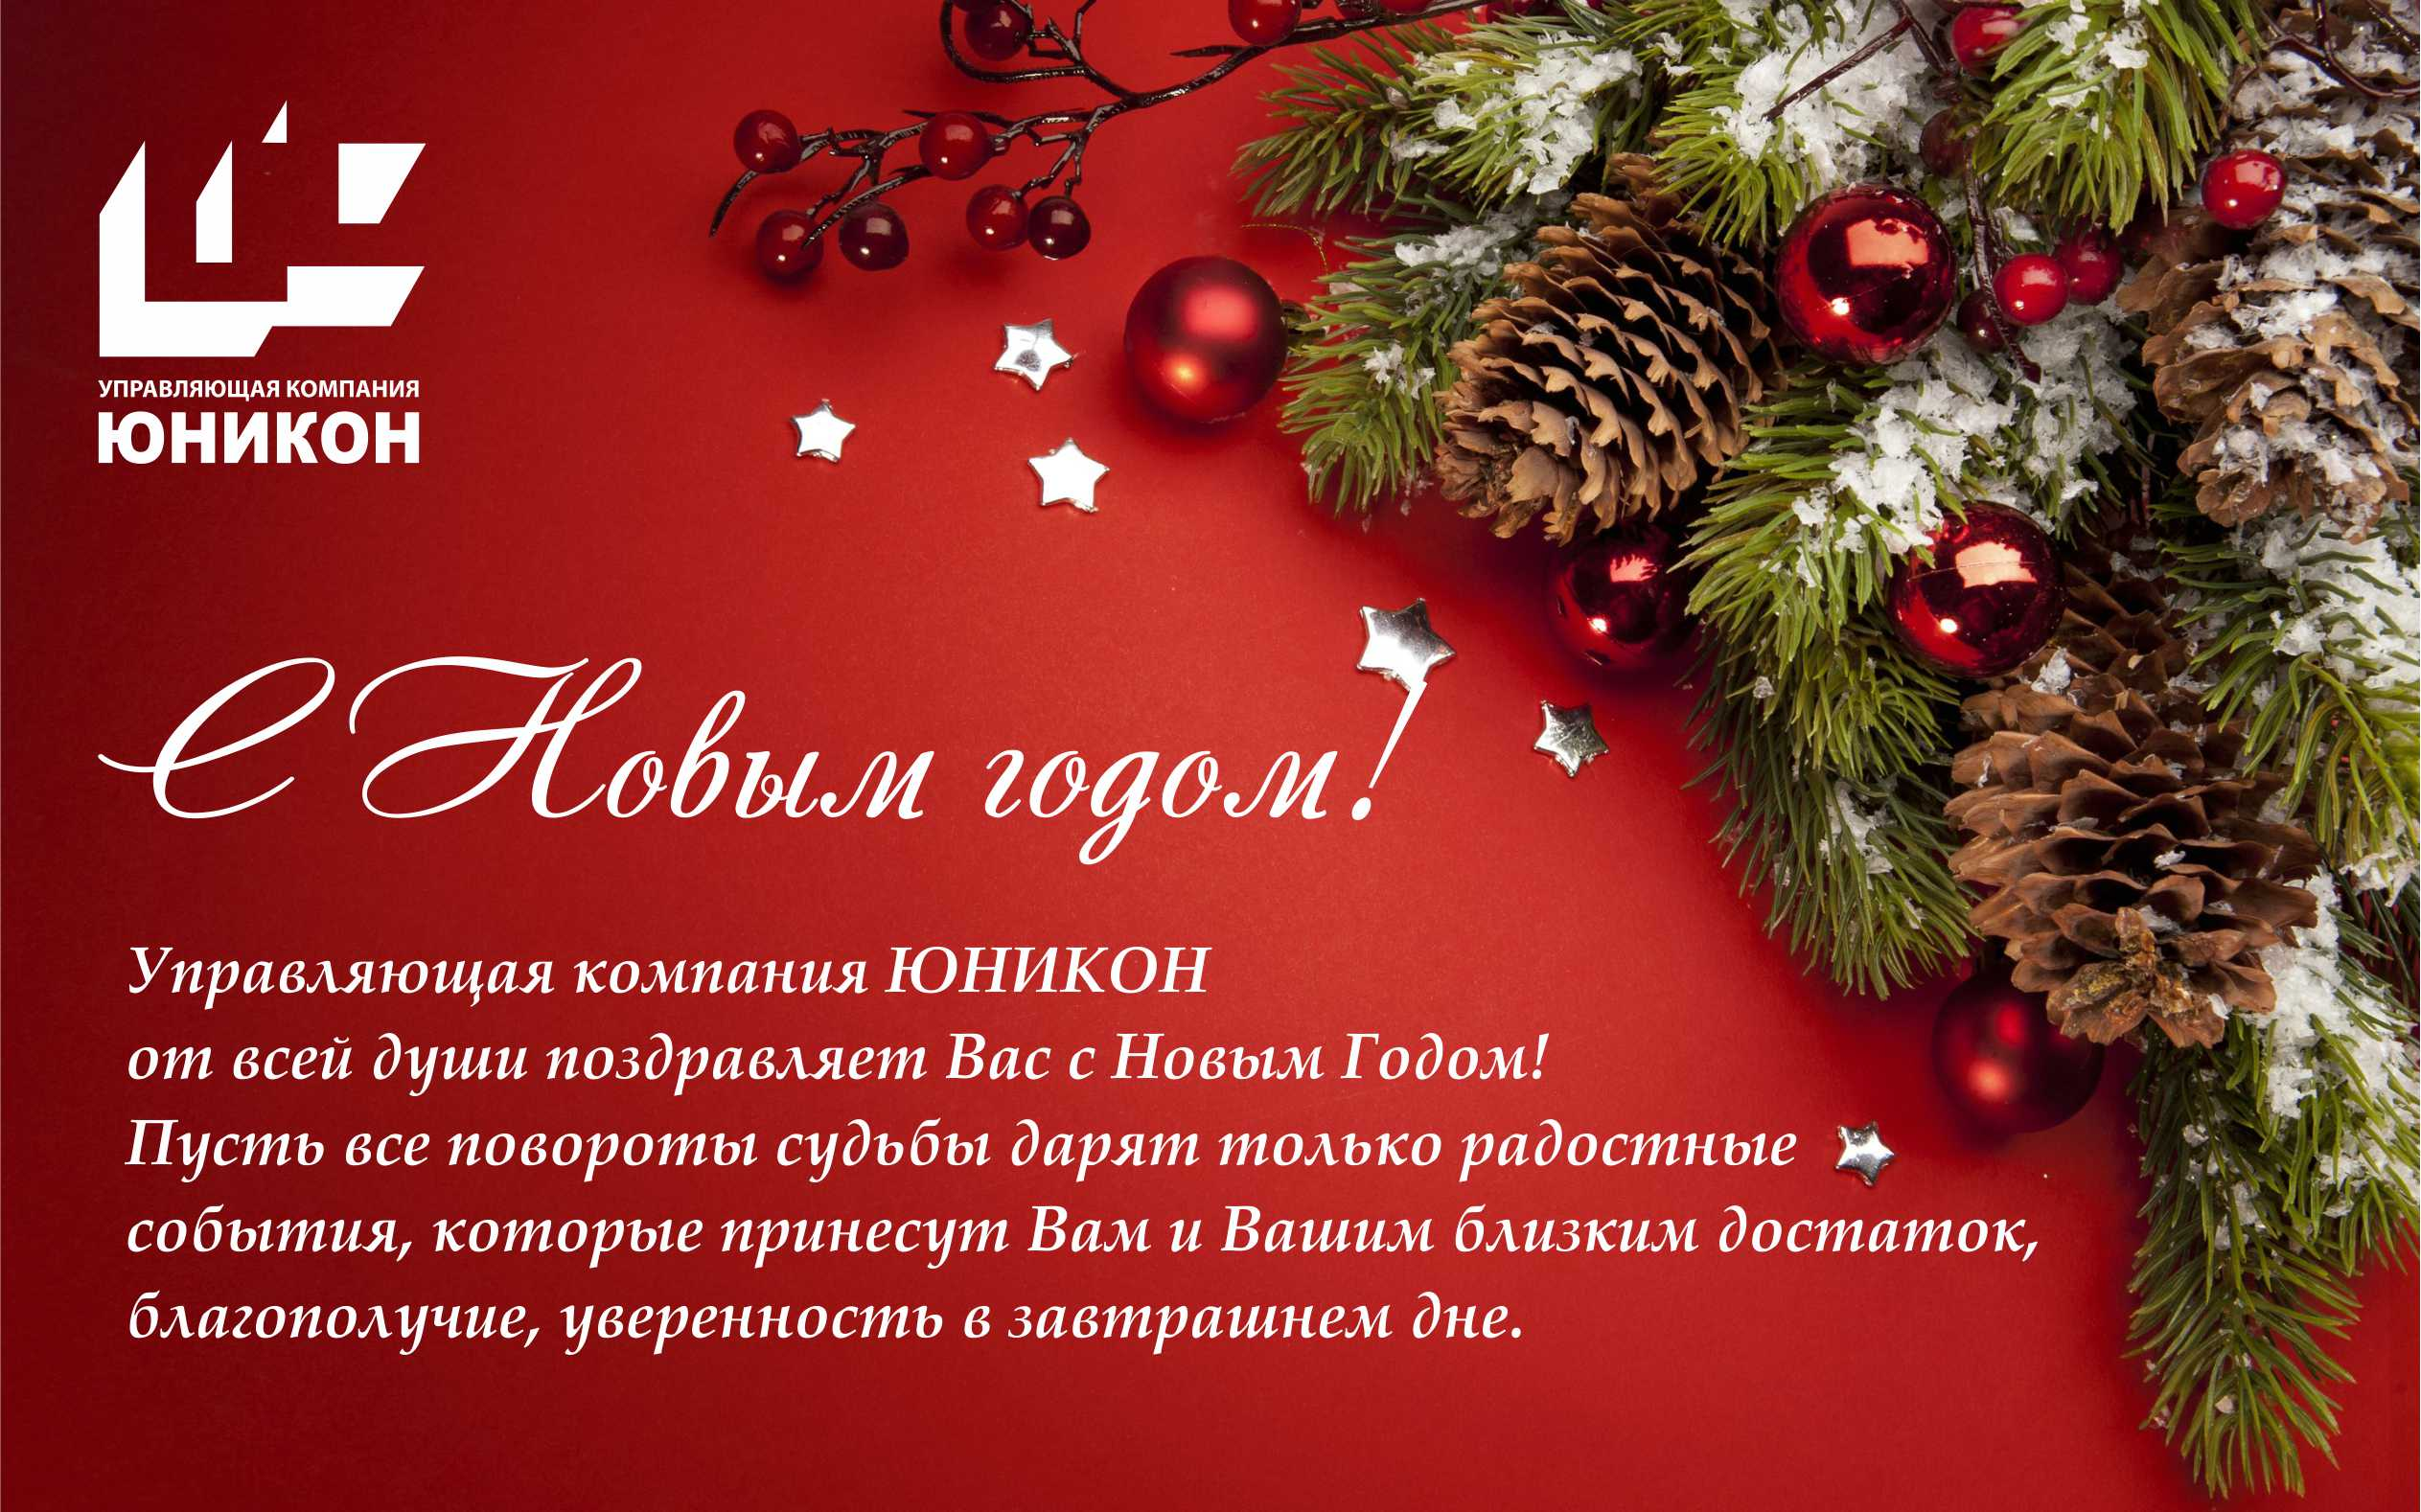 Поздравления на новый год от фирмы